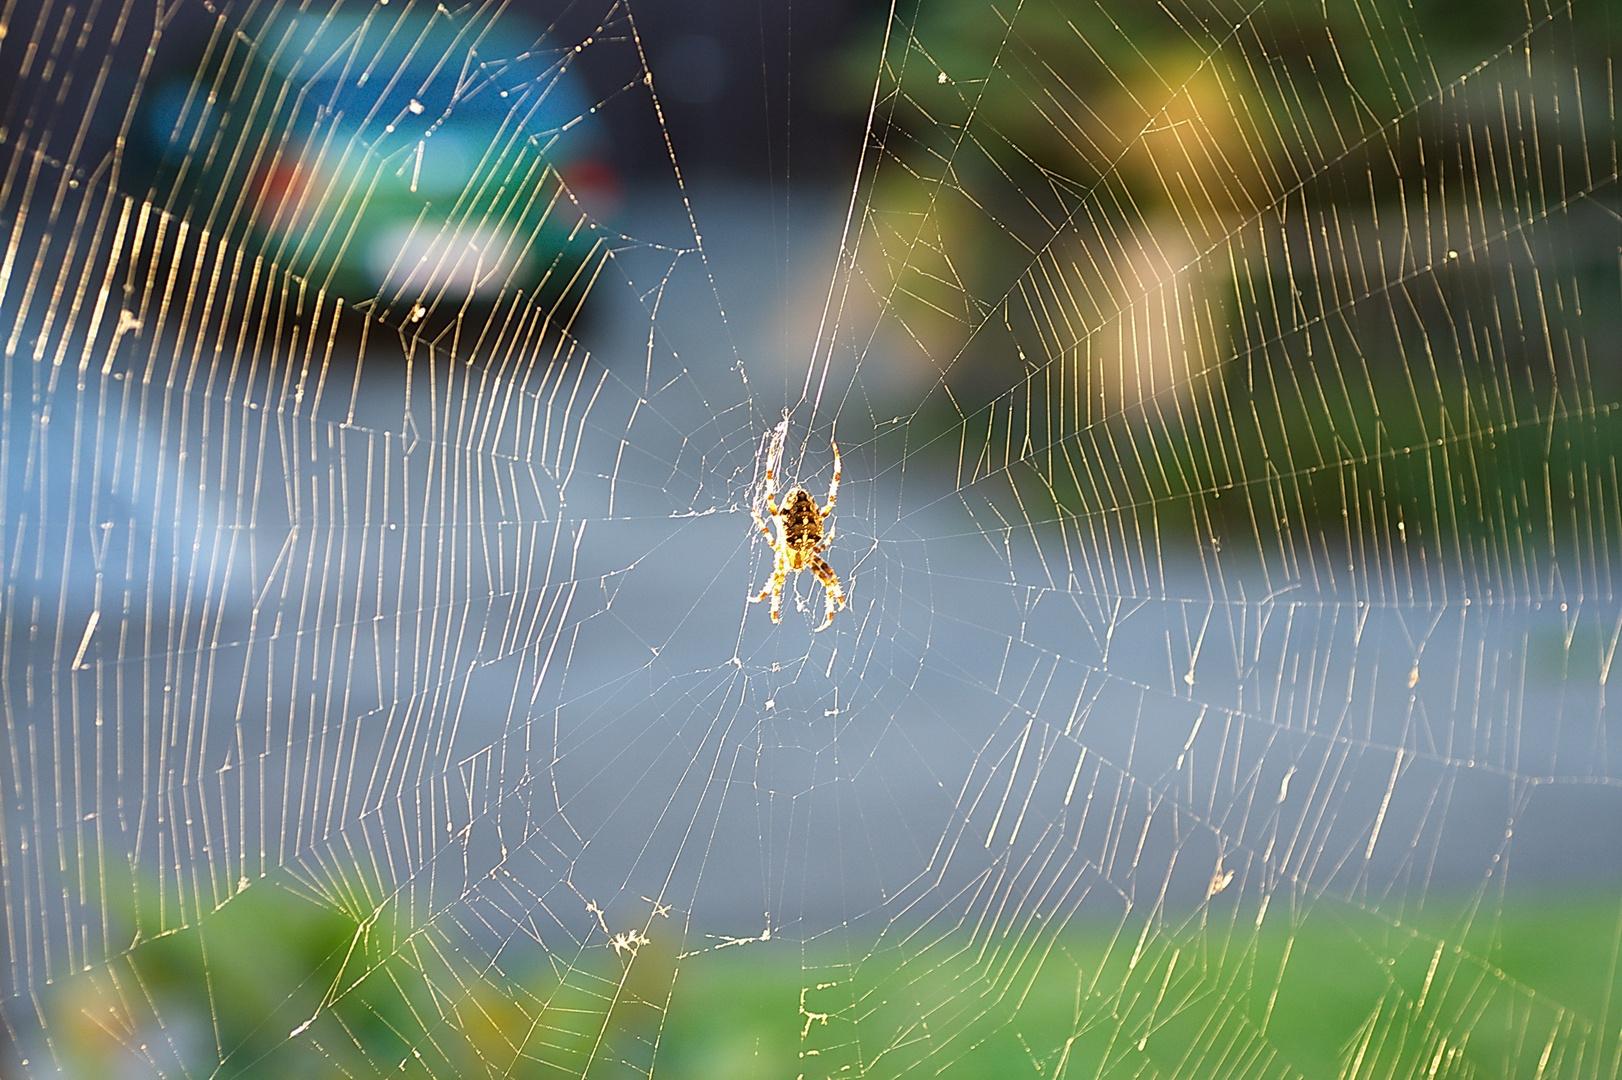 Spinnennetz mit Spinne